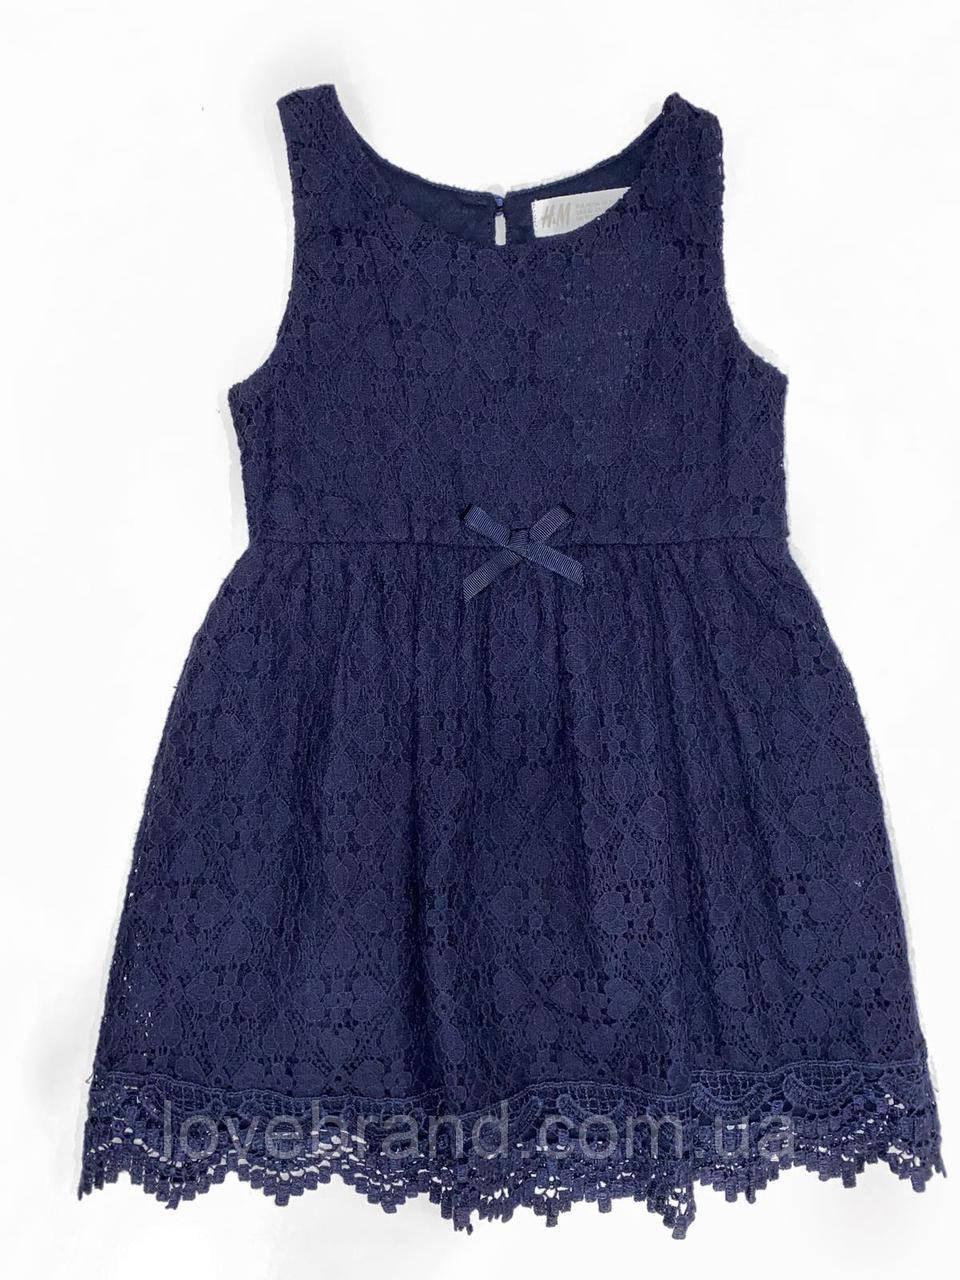 Красивое ажурное платье для девочки H&M синее в школу, нарядное платье ейч енд ем 6-8 л./122-128 см